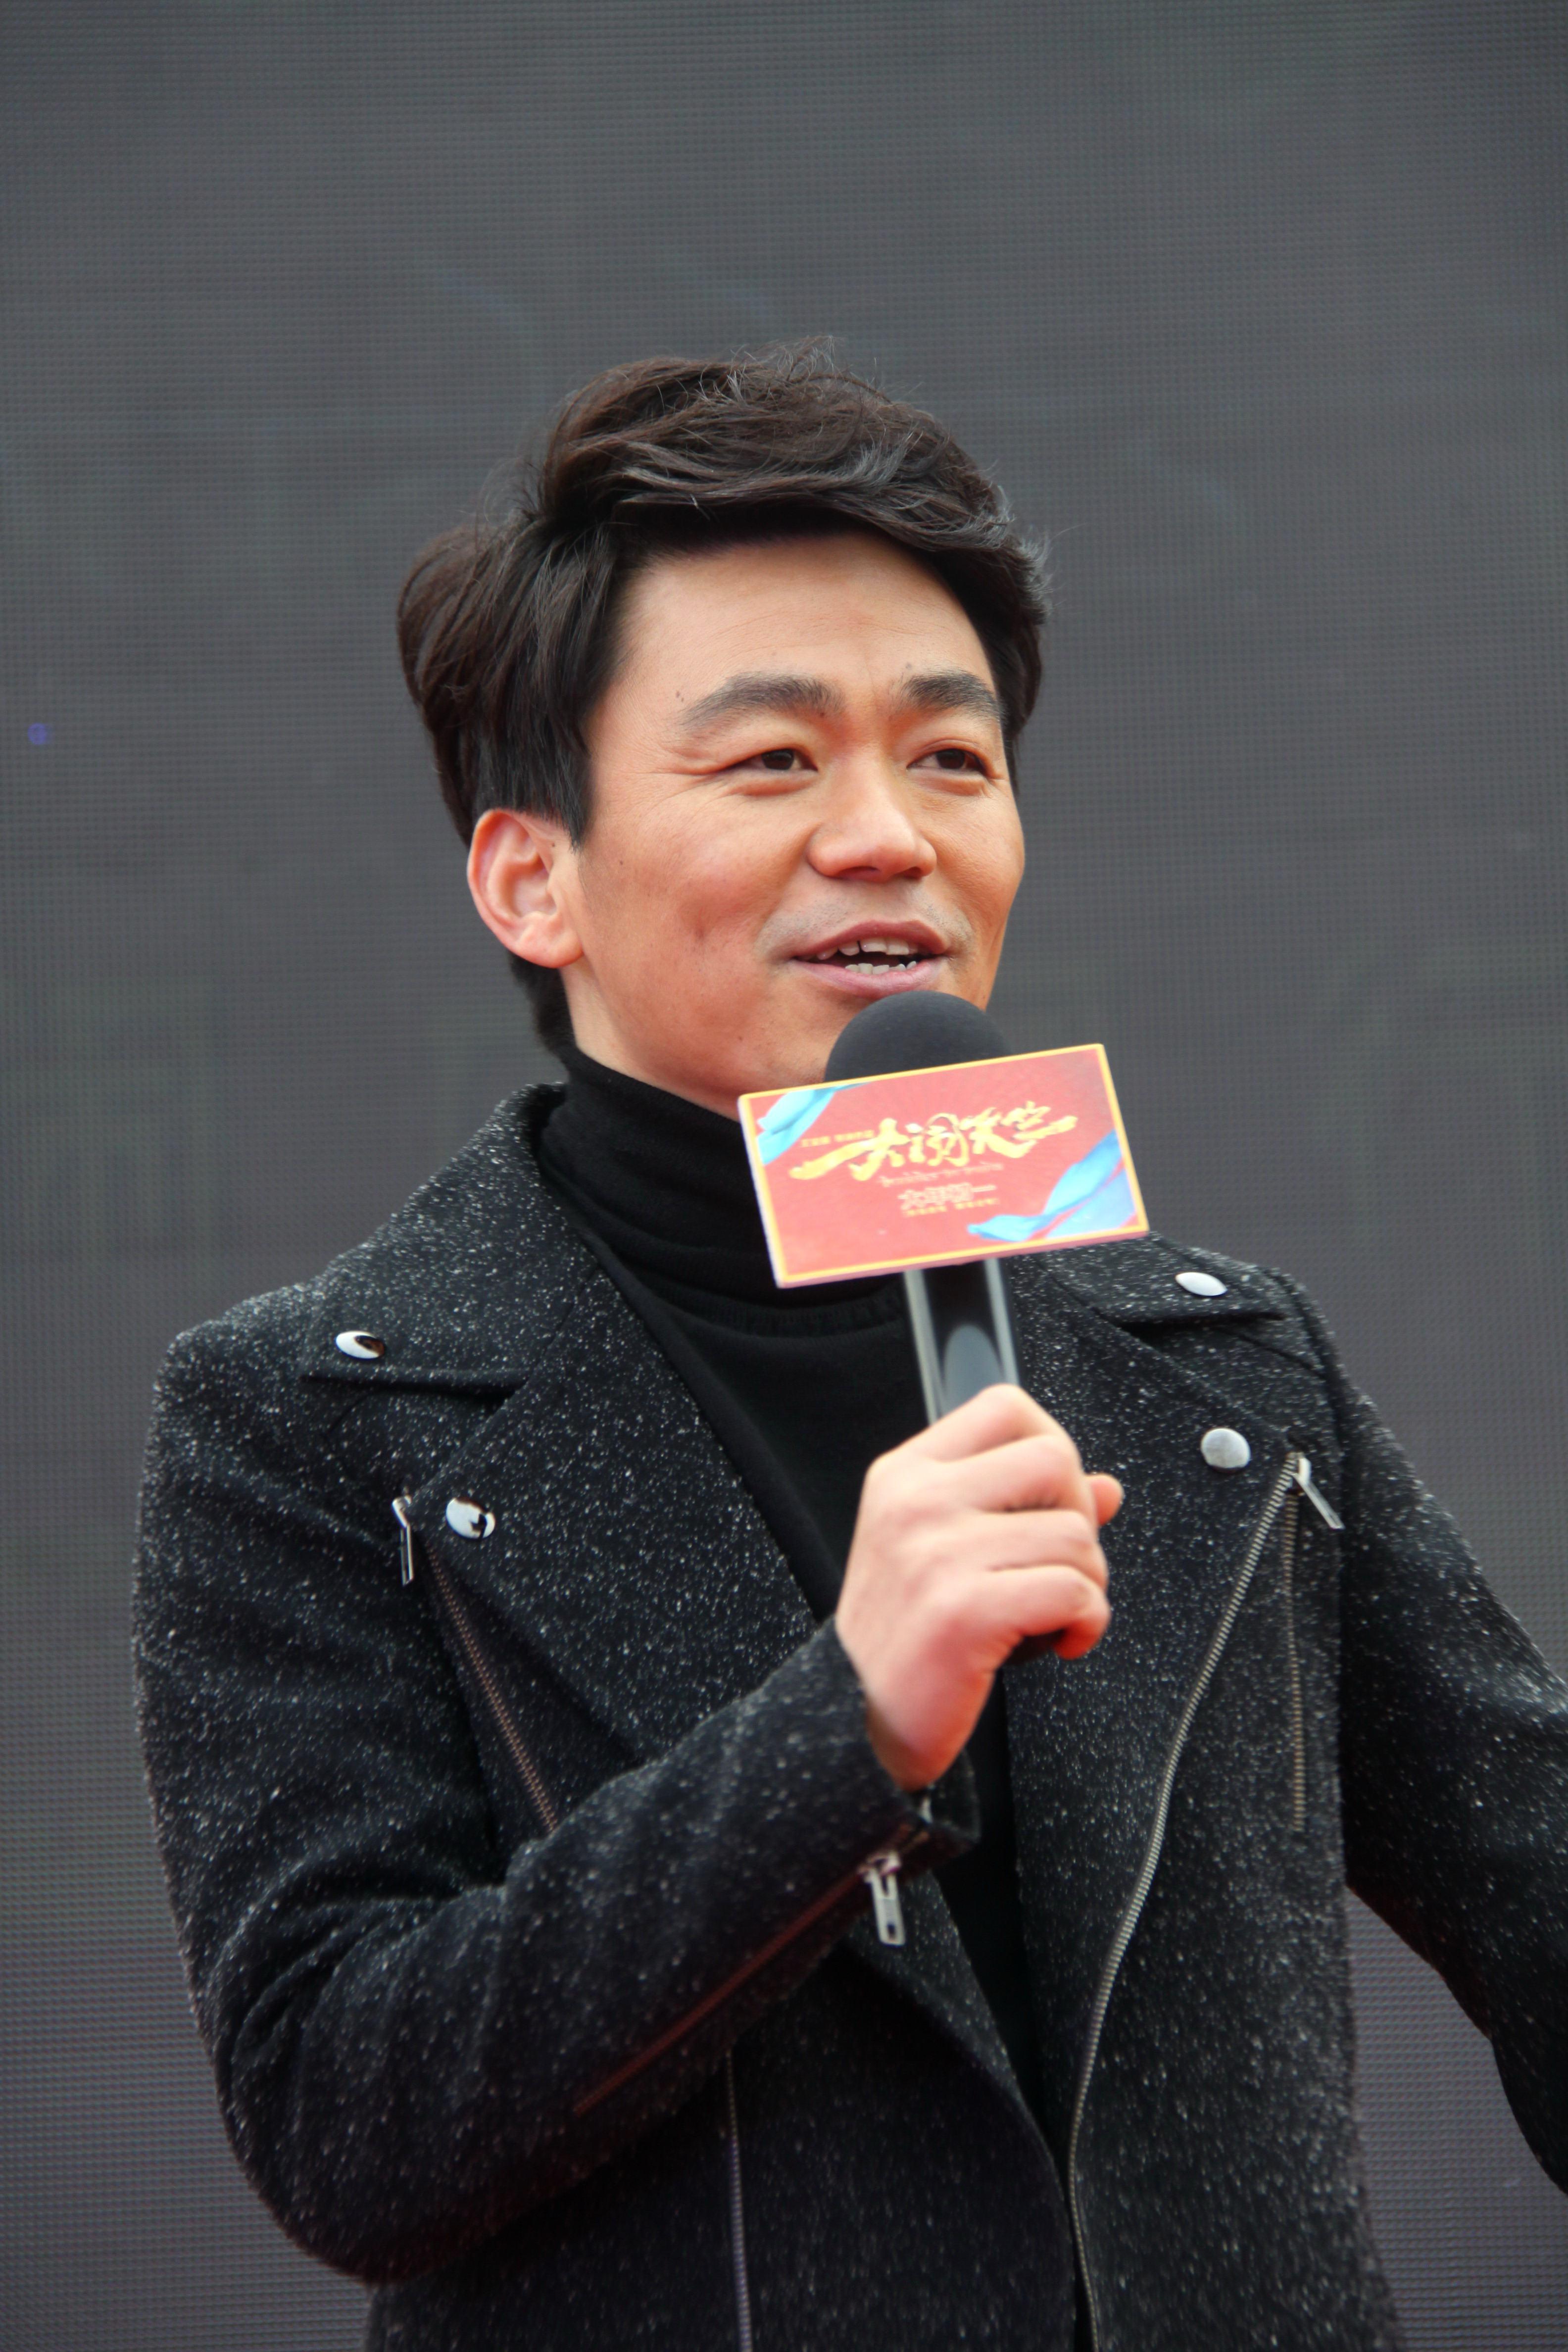 王宝强冯清被曝结婚,马蓉好友连发数文,我看到人性最丑陋的一面